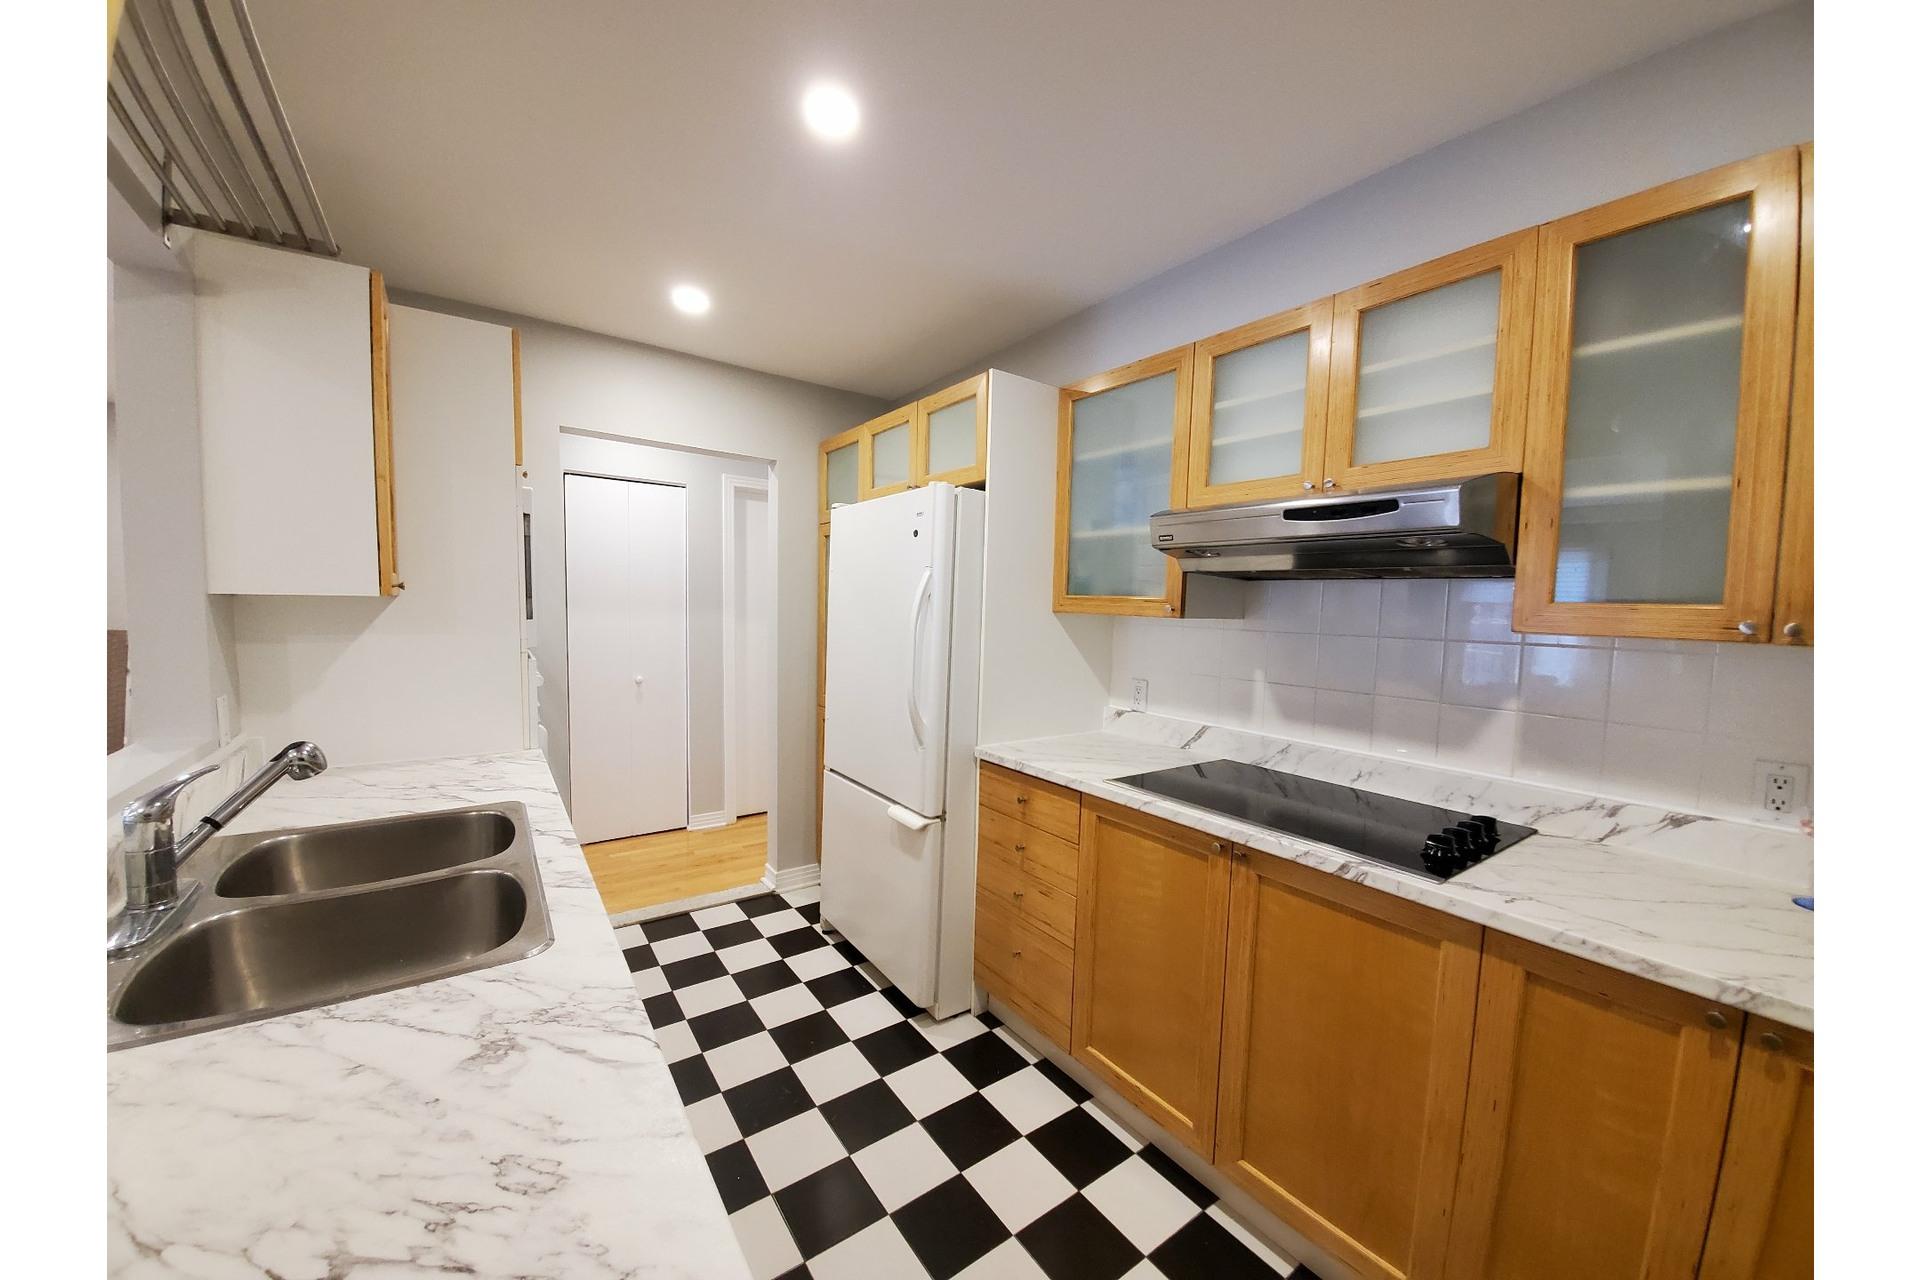 image 10 - Apartment For sale Ville-Marie Montréal  - 5 rooms